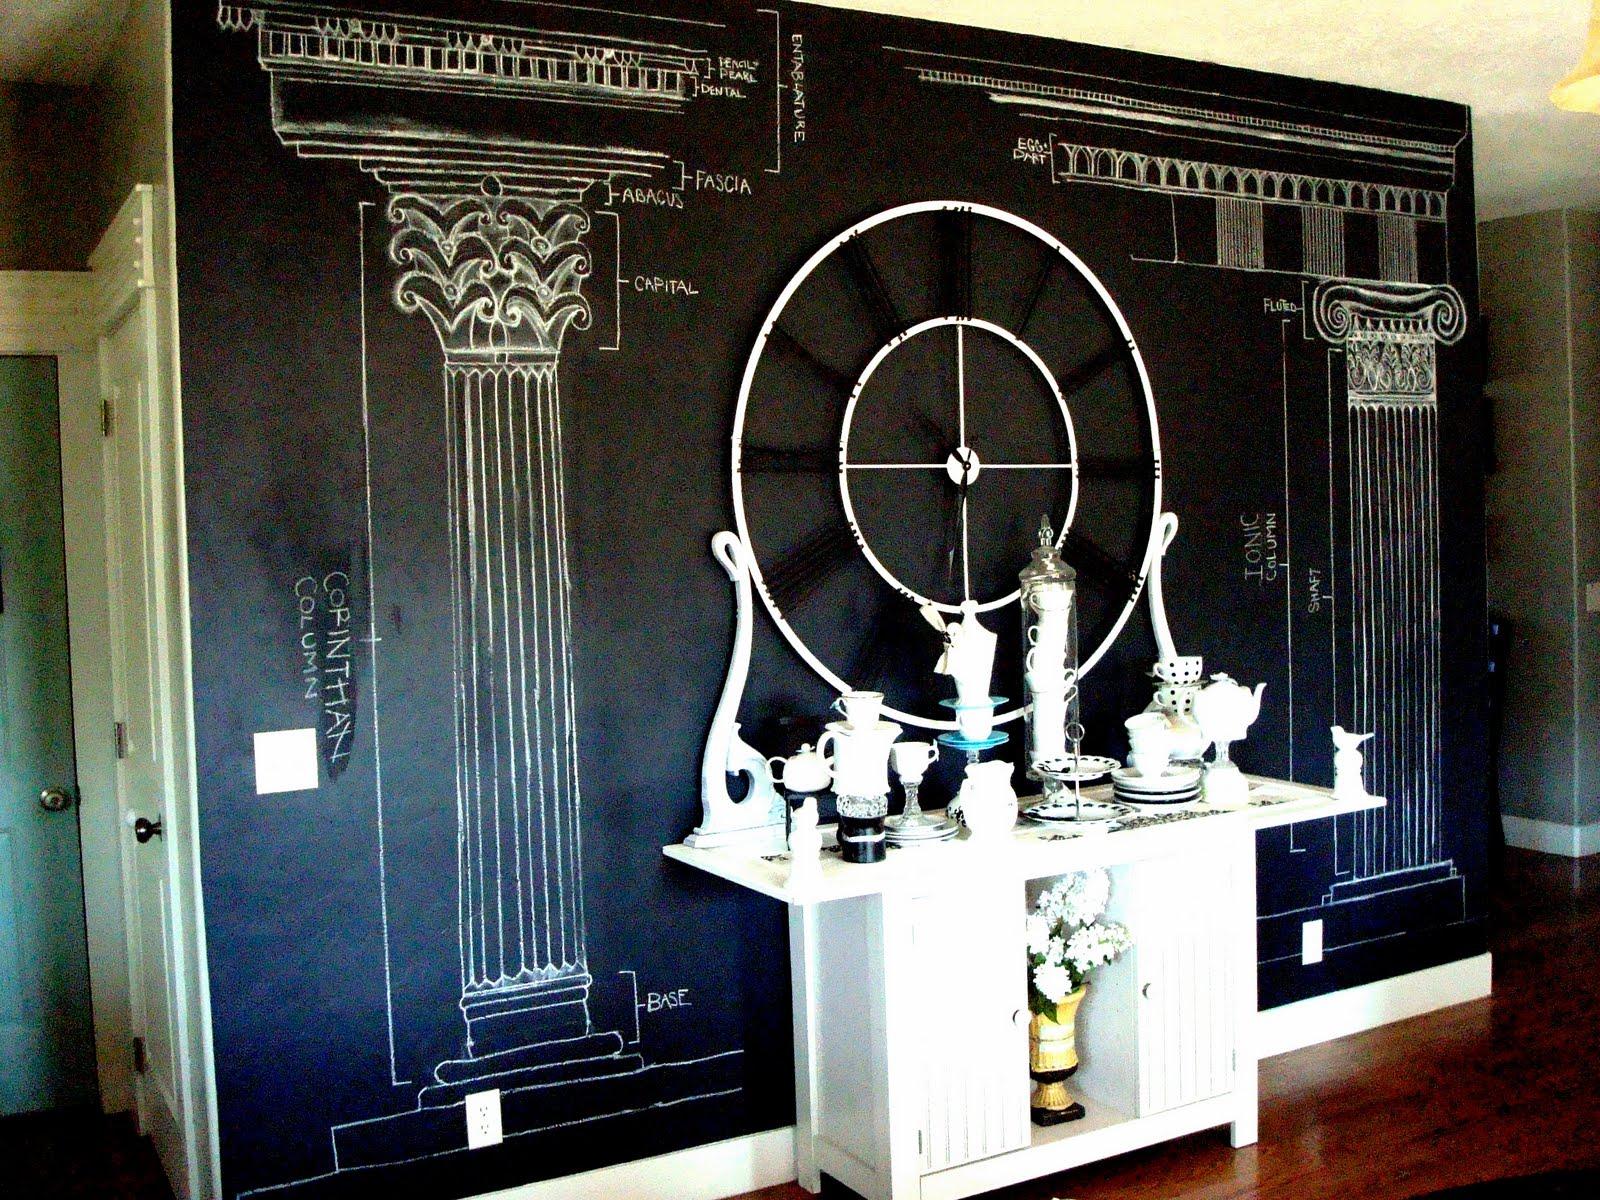 שיעורים באדריכלות עתיקה